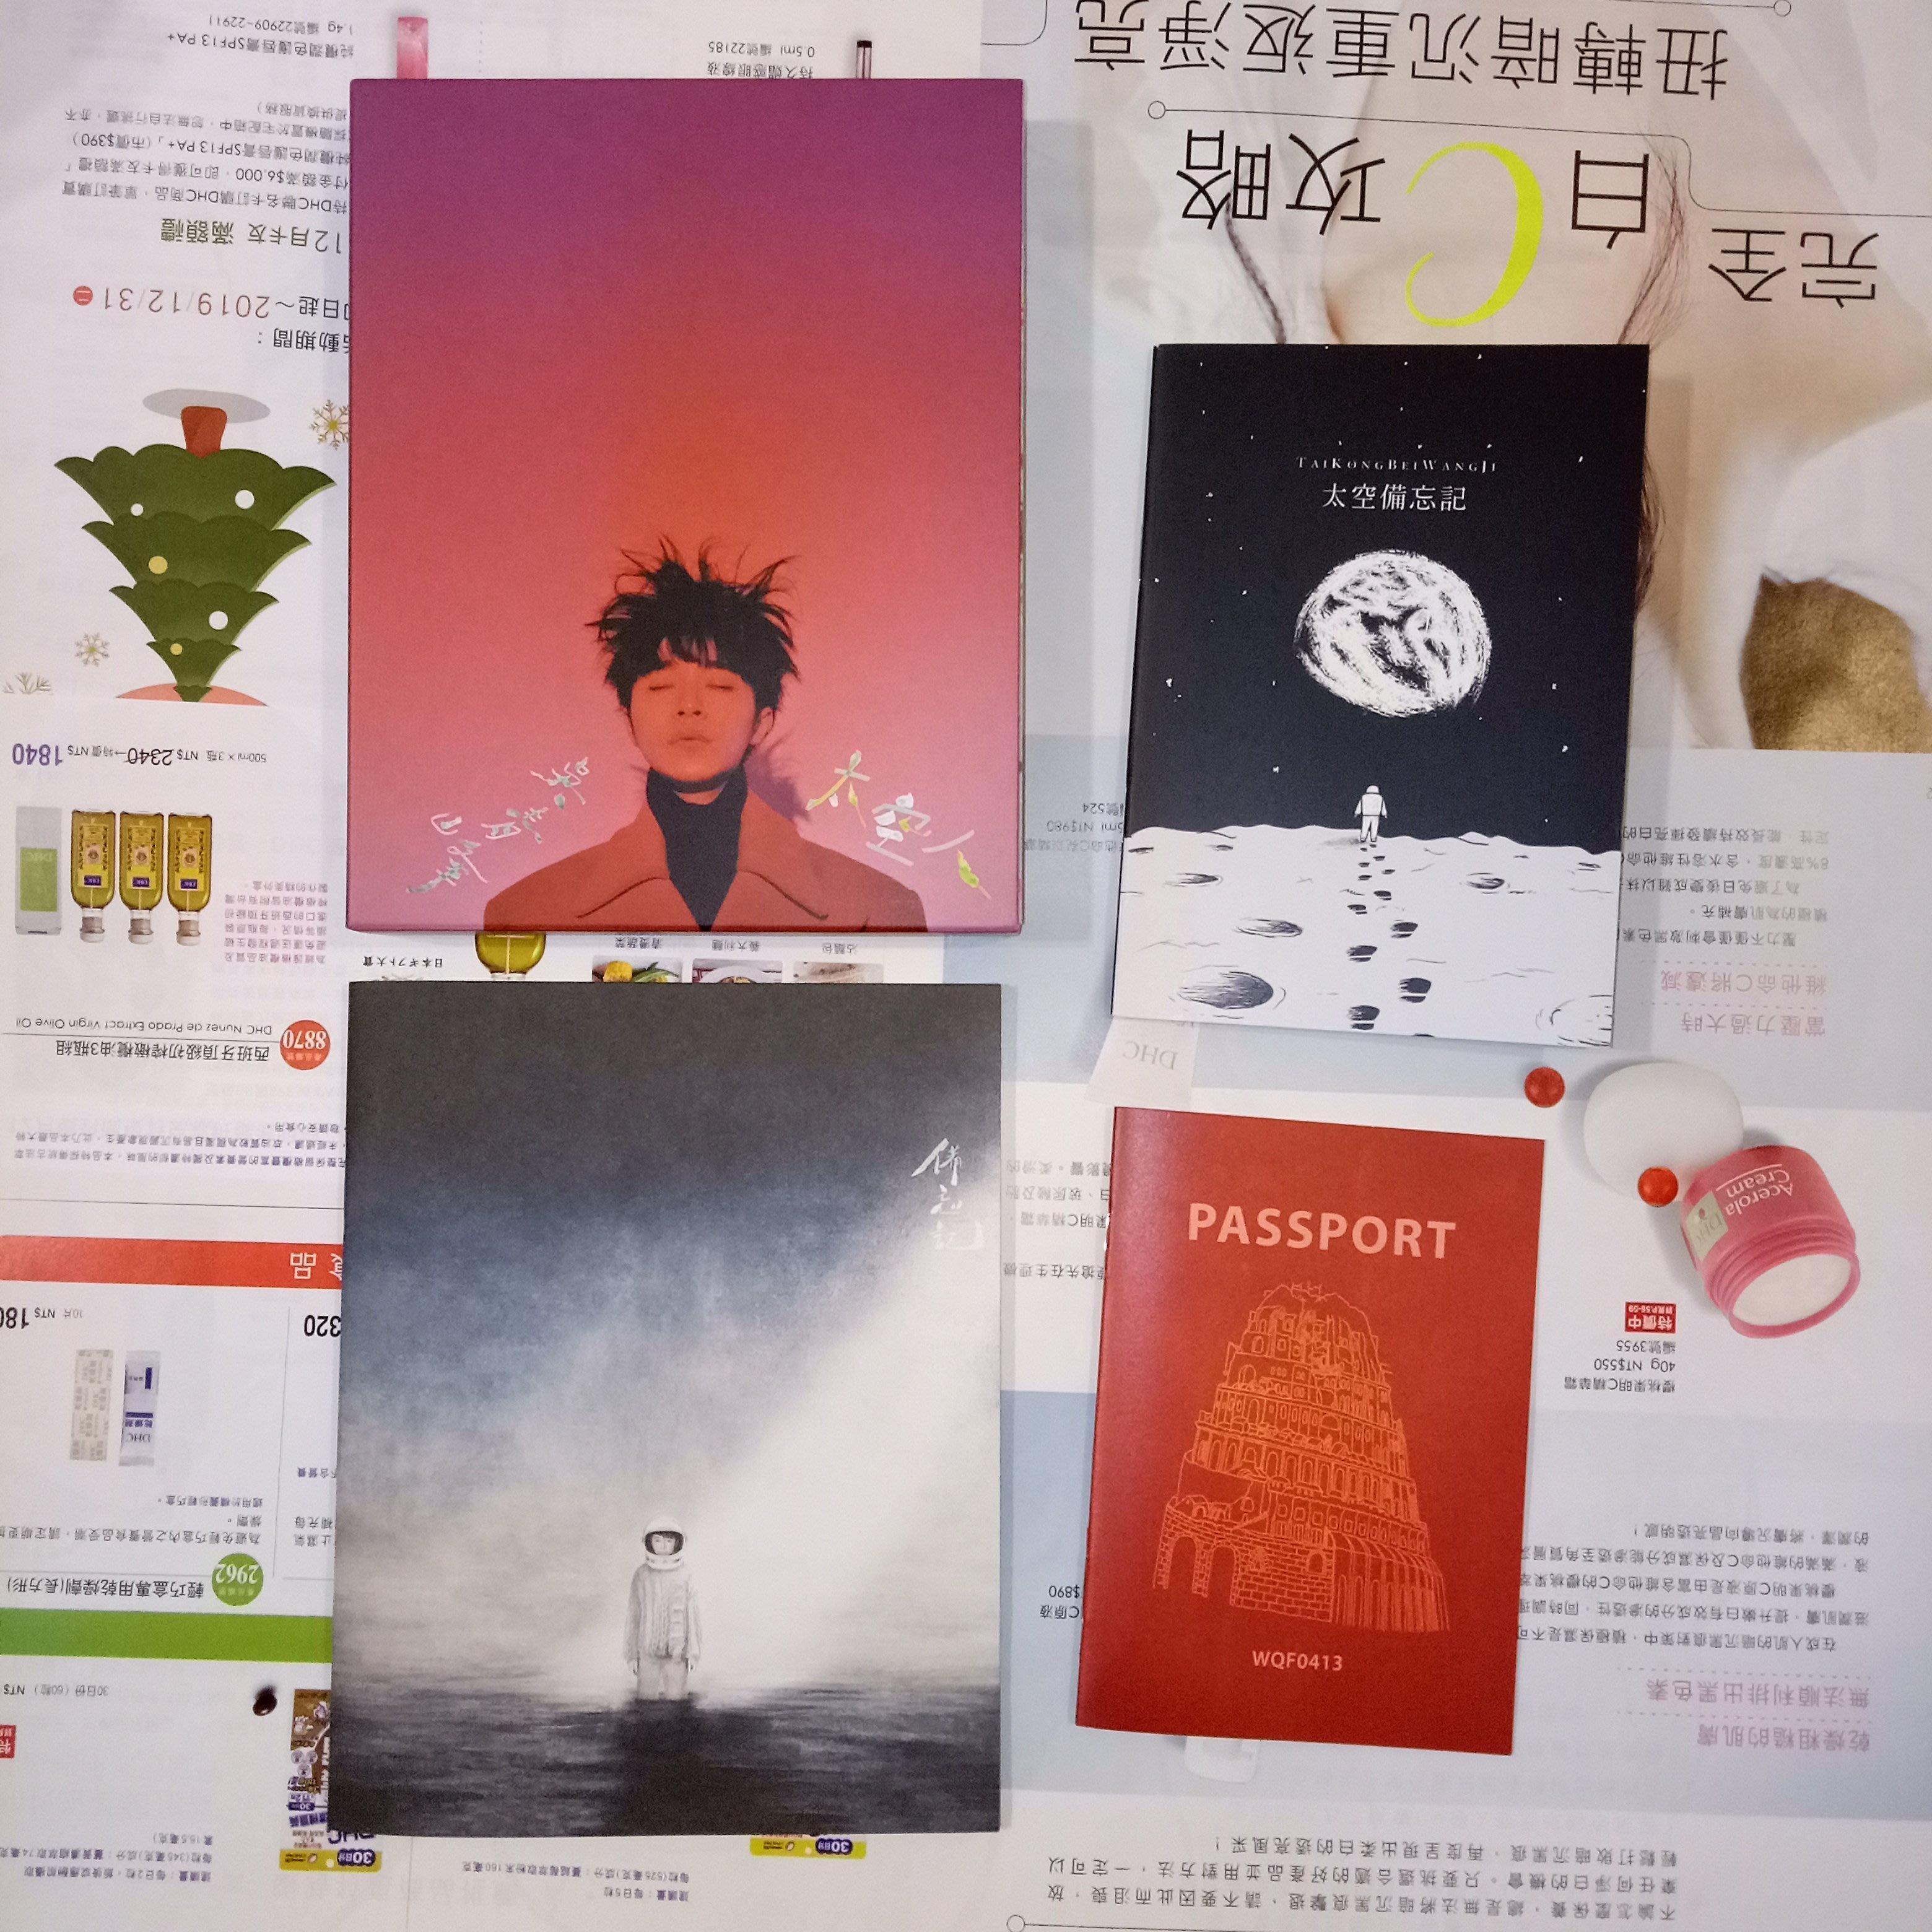 吳青峰(蘇打綠)|太空人(預購版)|送 巴別塔慶典 護照 高雄演唱會應援物